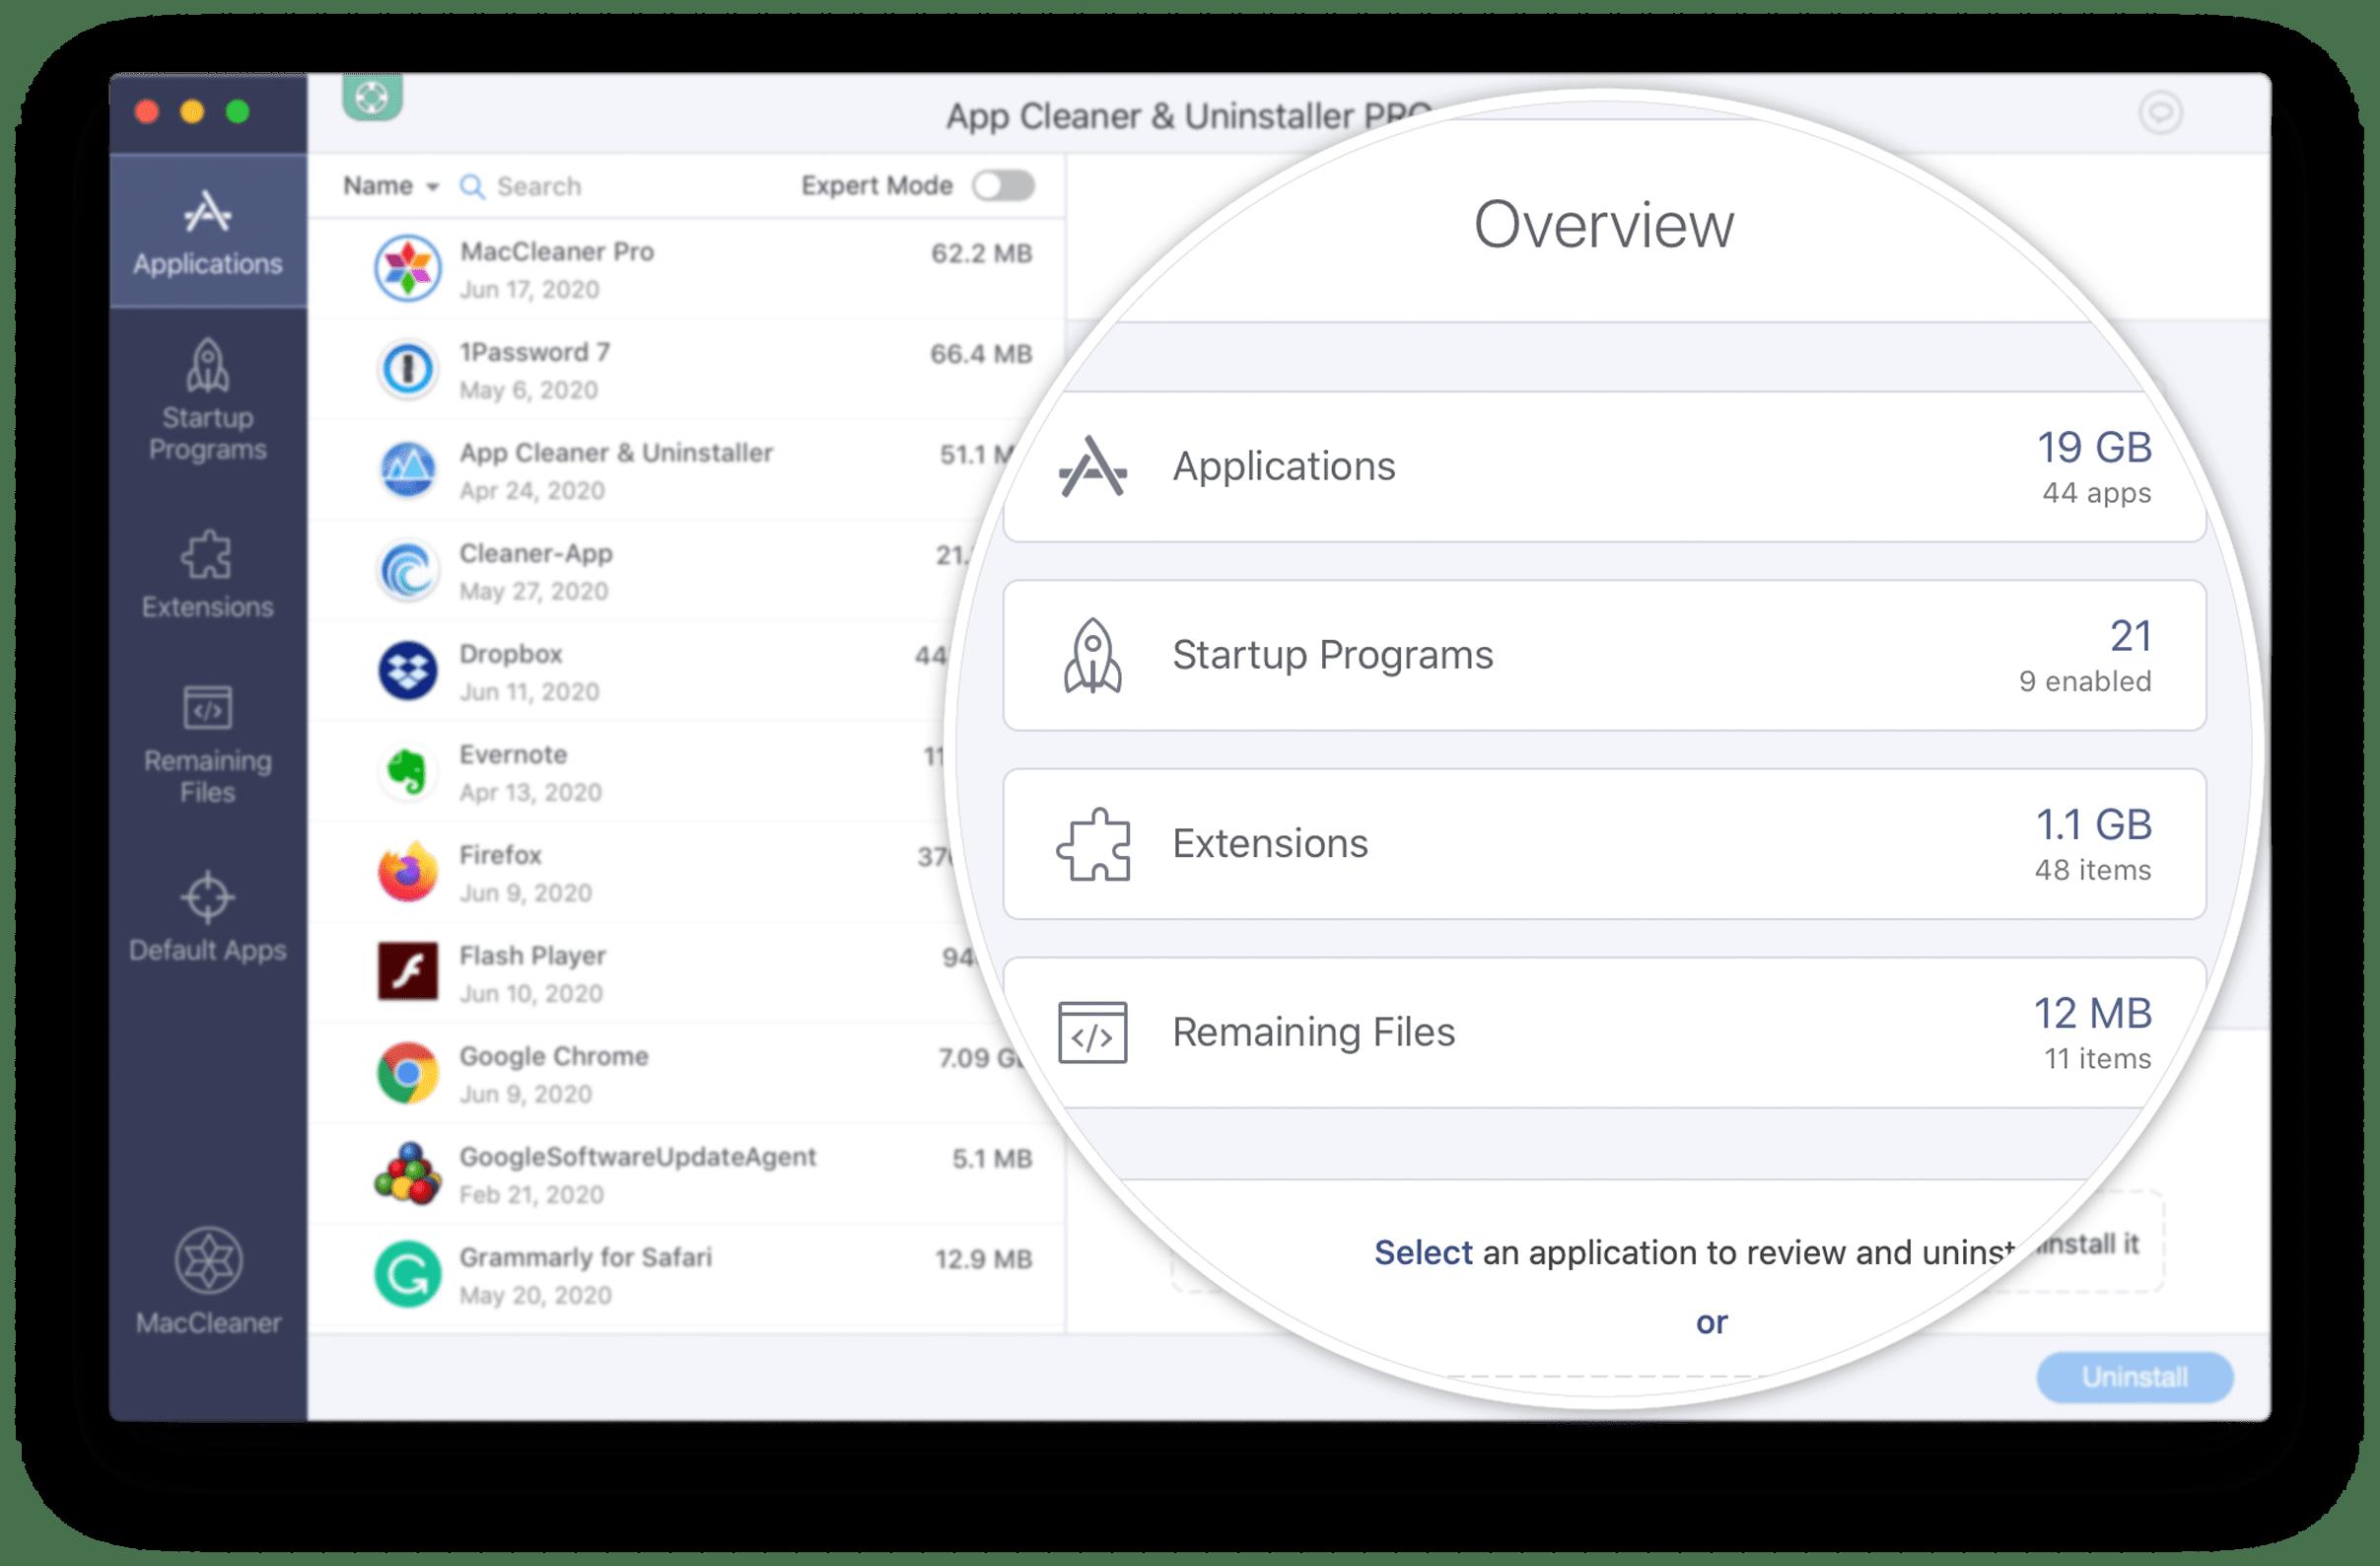 App Cleaner & Uninstaller application - Overview window